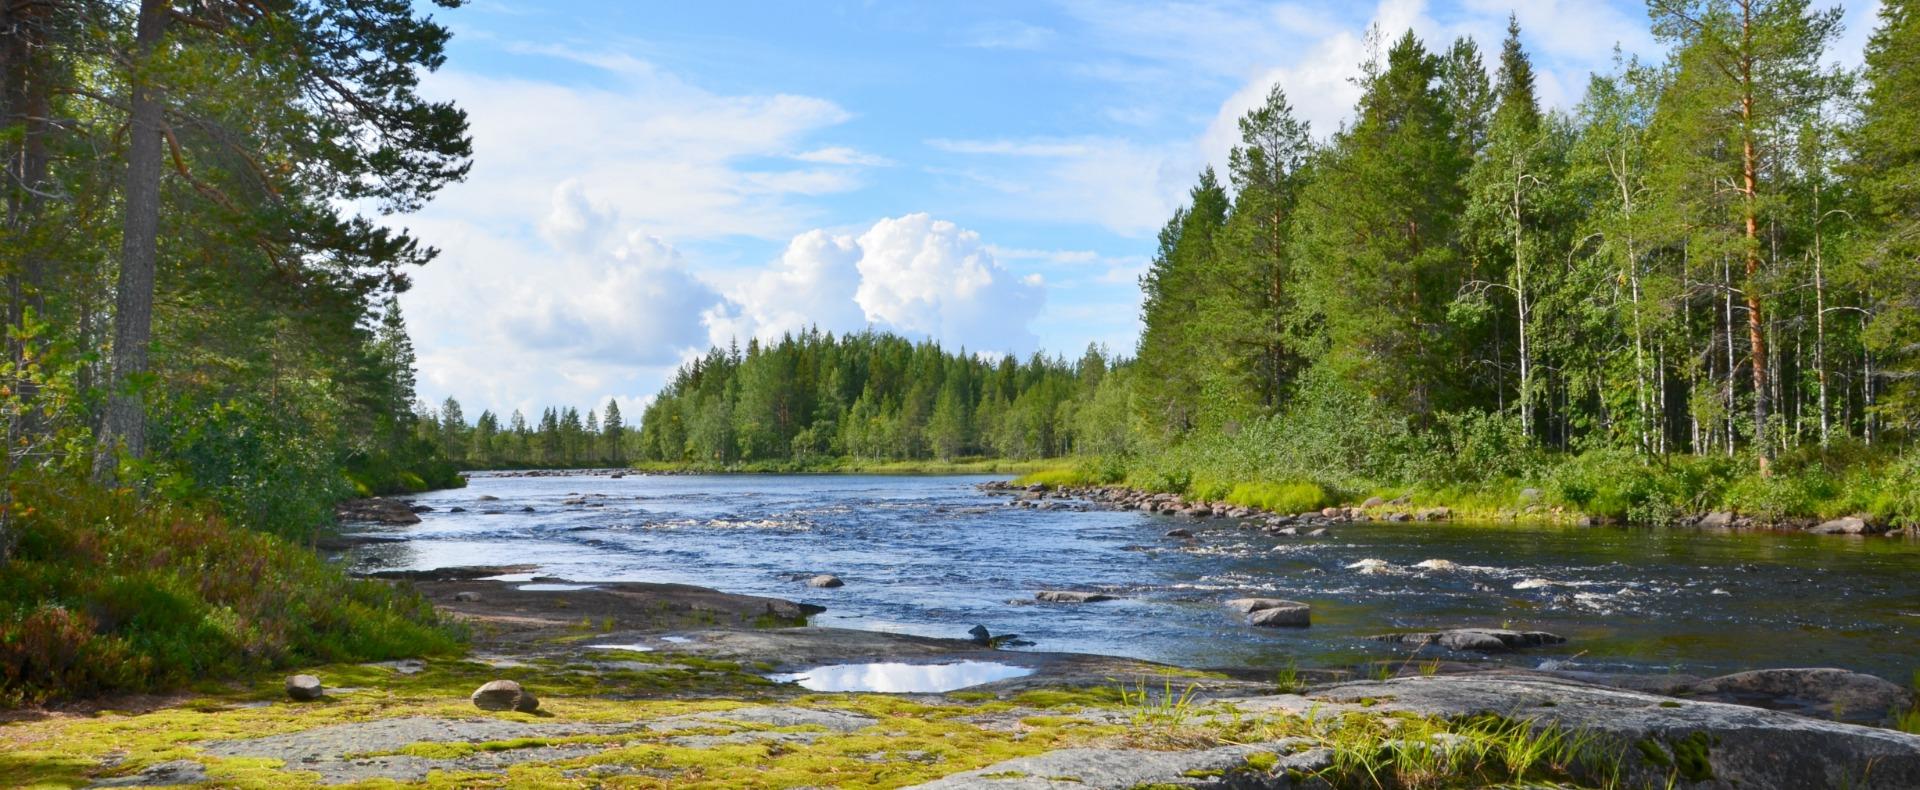 Karelia region